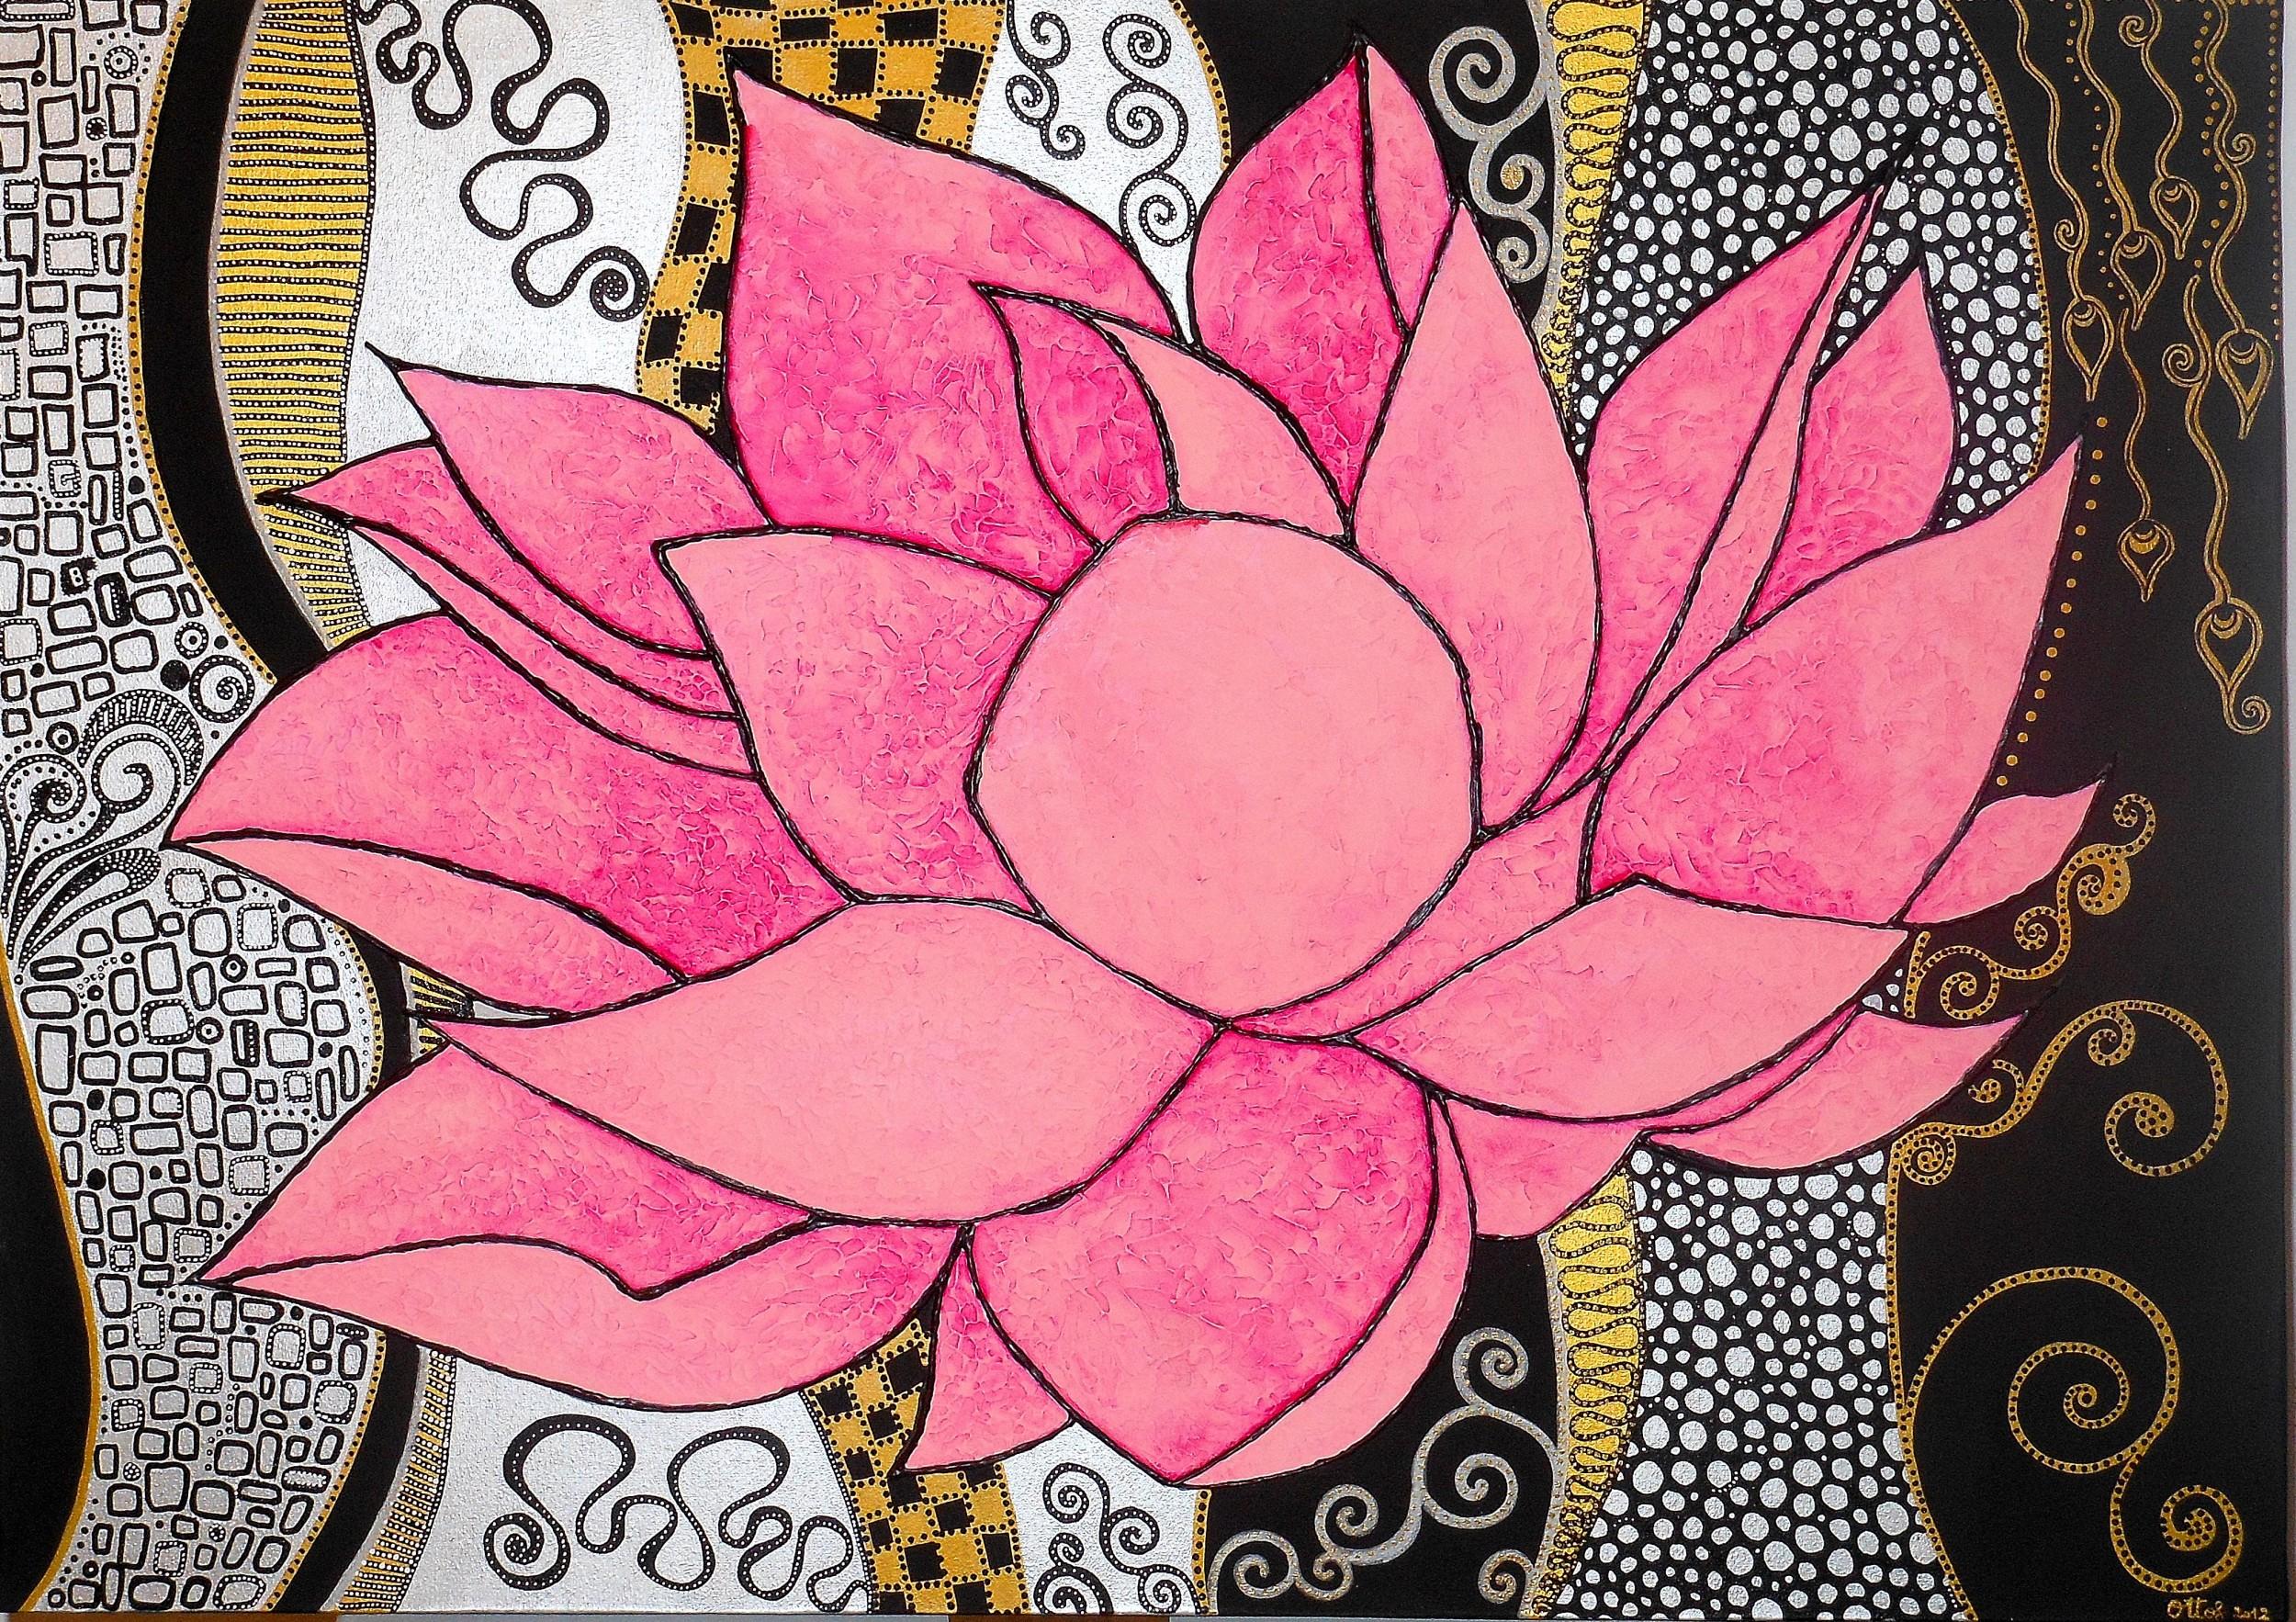 Fiore di loto judo